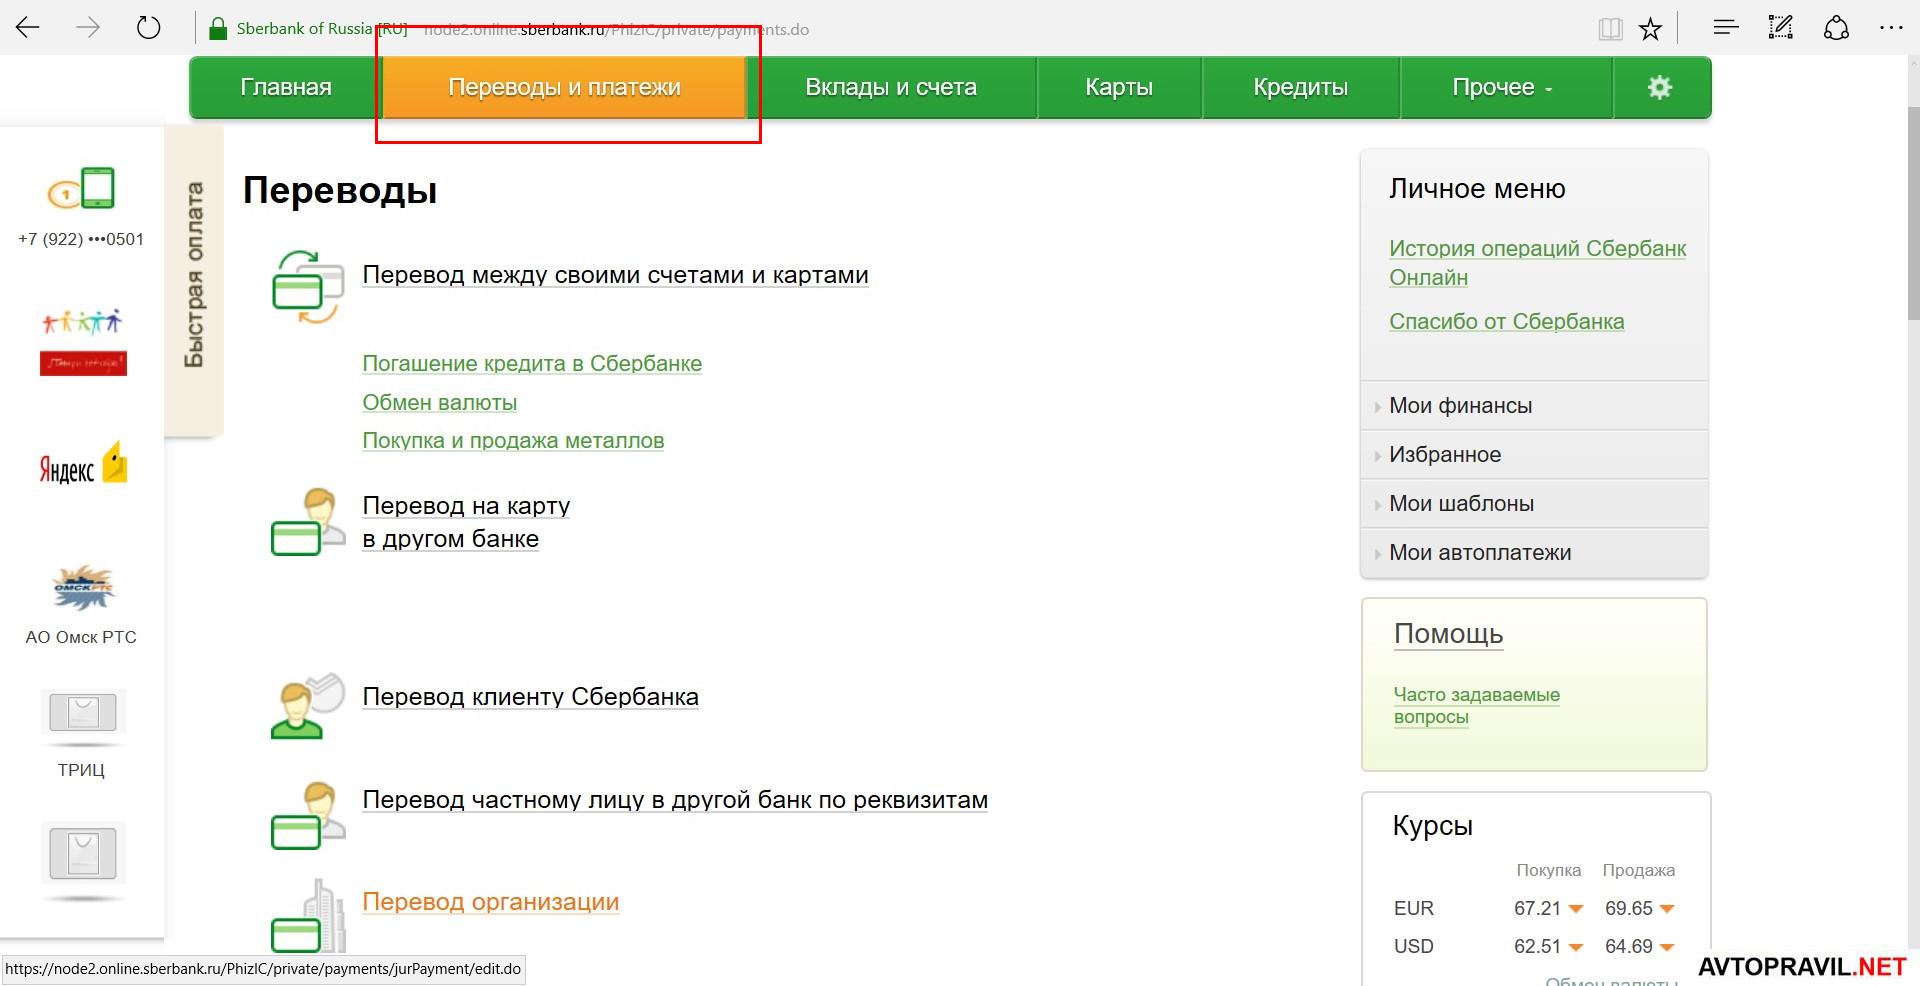 Платежи и переводы в личном кабинете Сбербанка